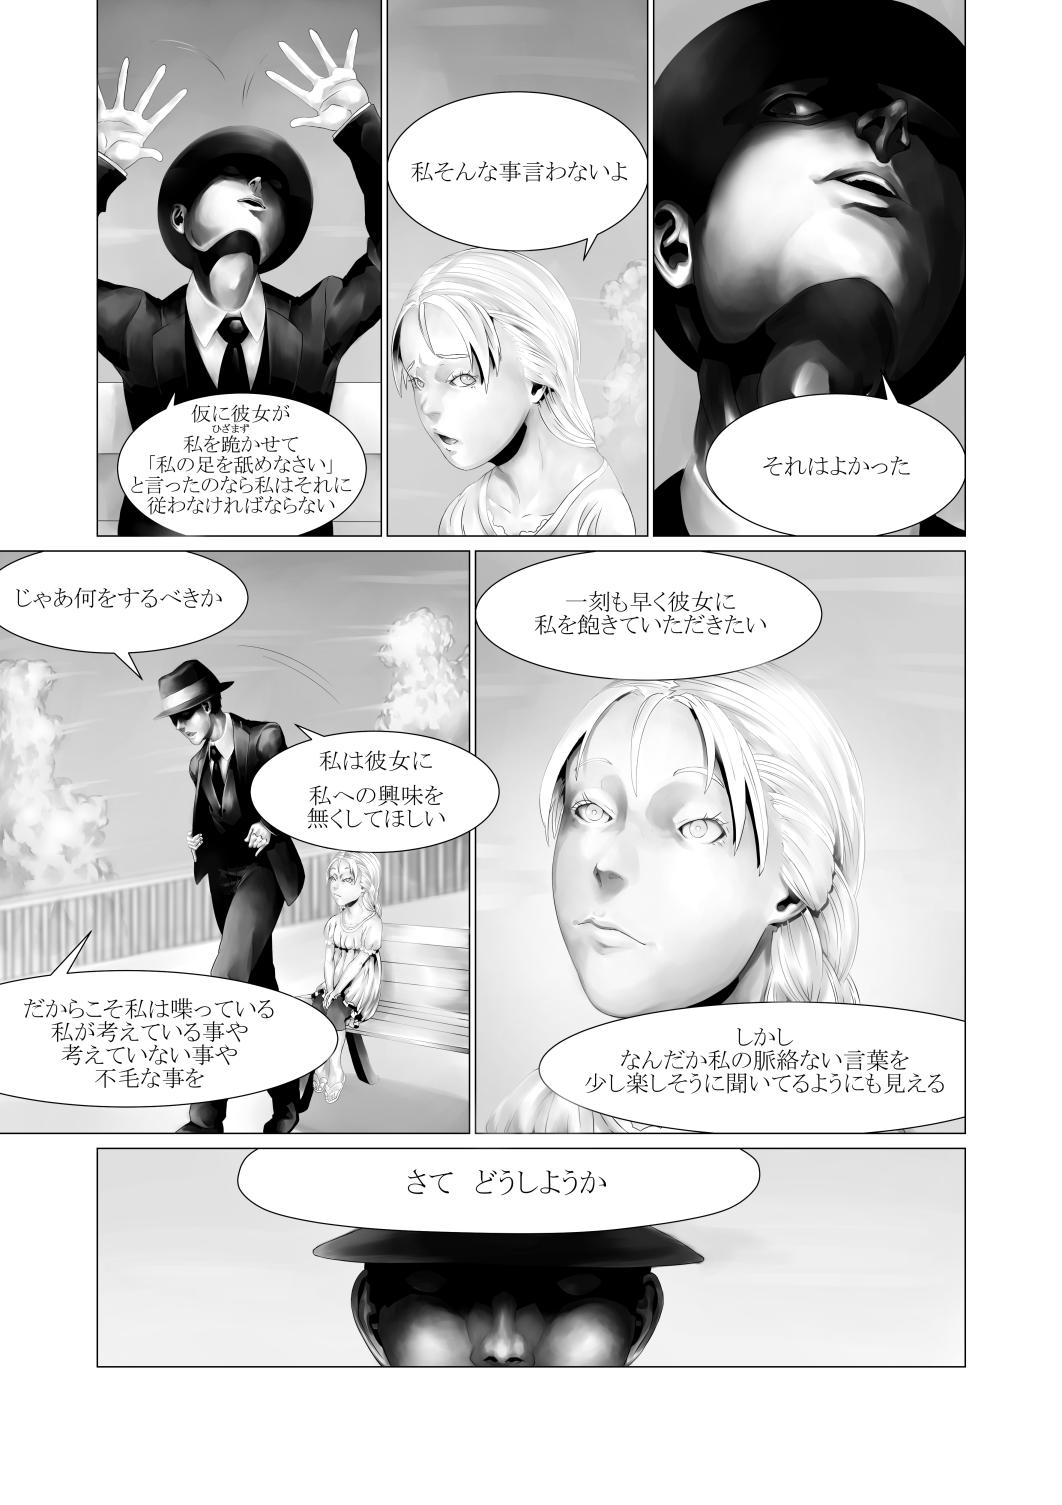 ちいさな魔女の夢6完成.png